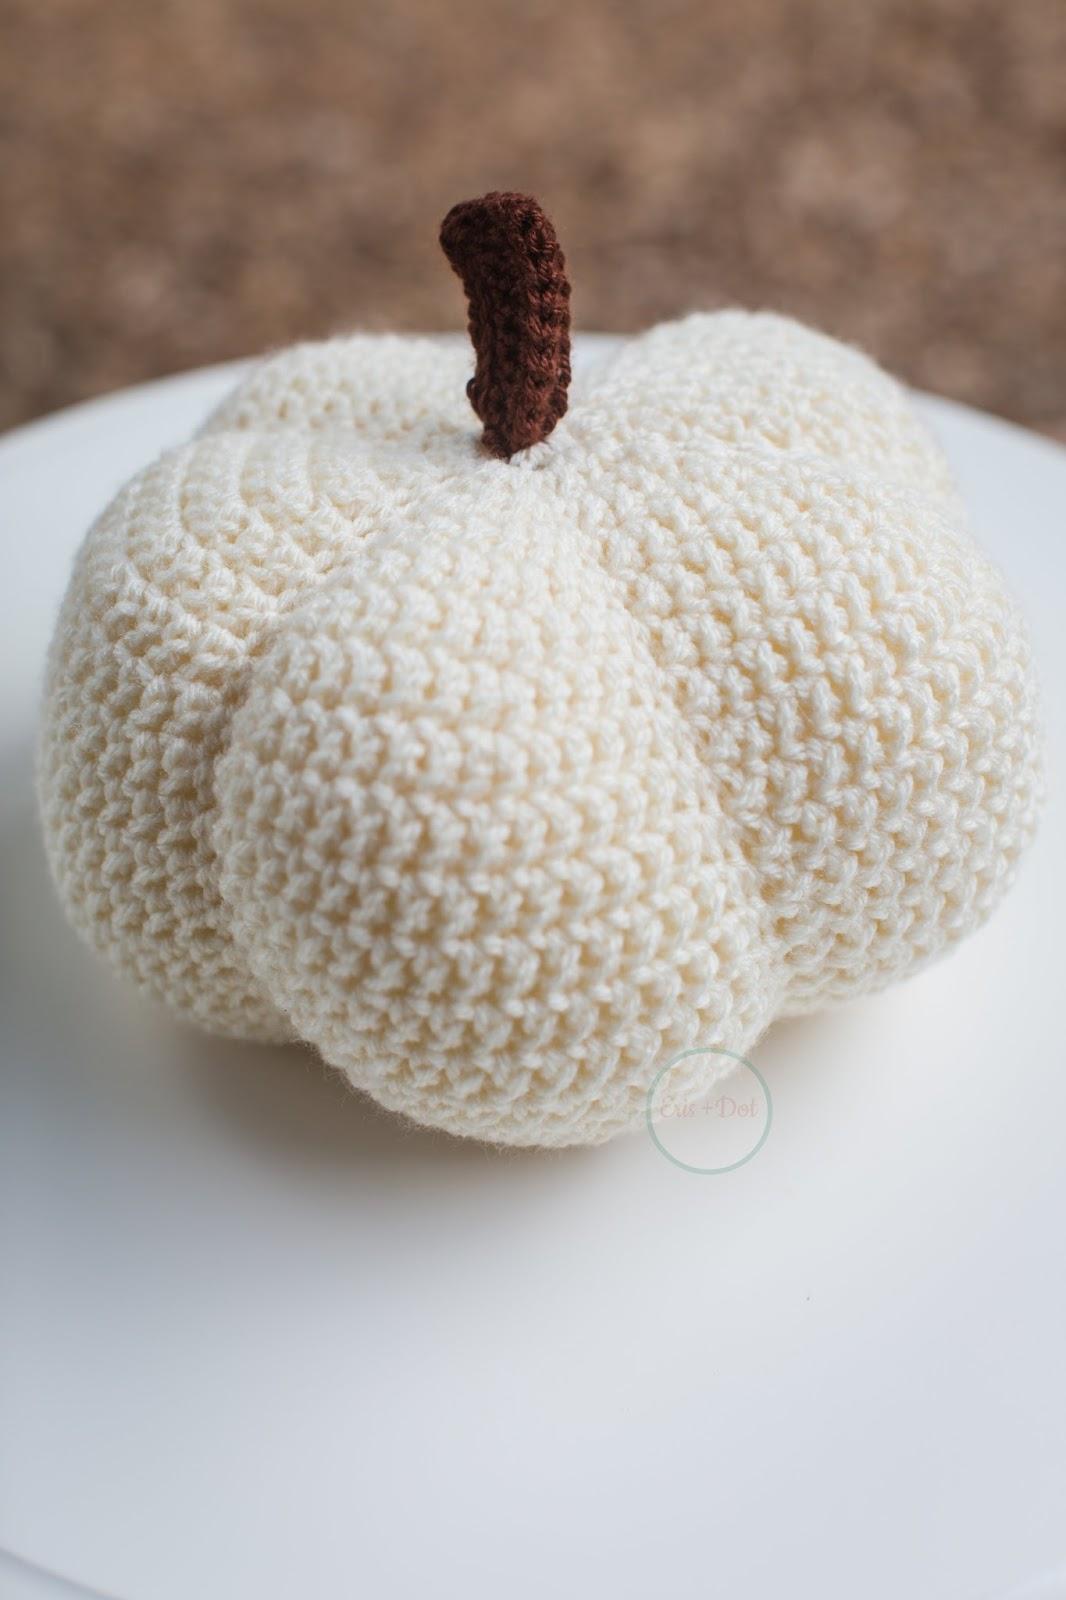 Large Crochet Pumpkin, Stuffed Pumpkin, Rustic, Home Decor, Fall, Autumn, Nature Inspired, Halloween, Thanksgiving, Housewarming, Gift